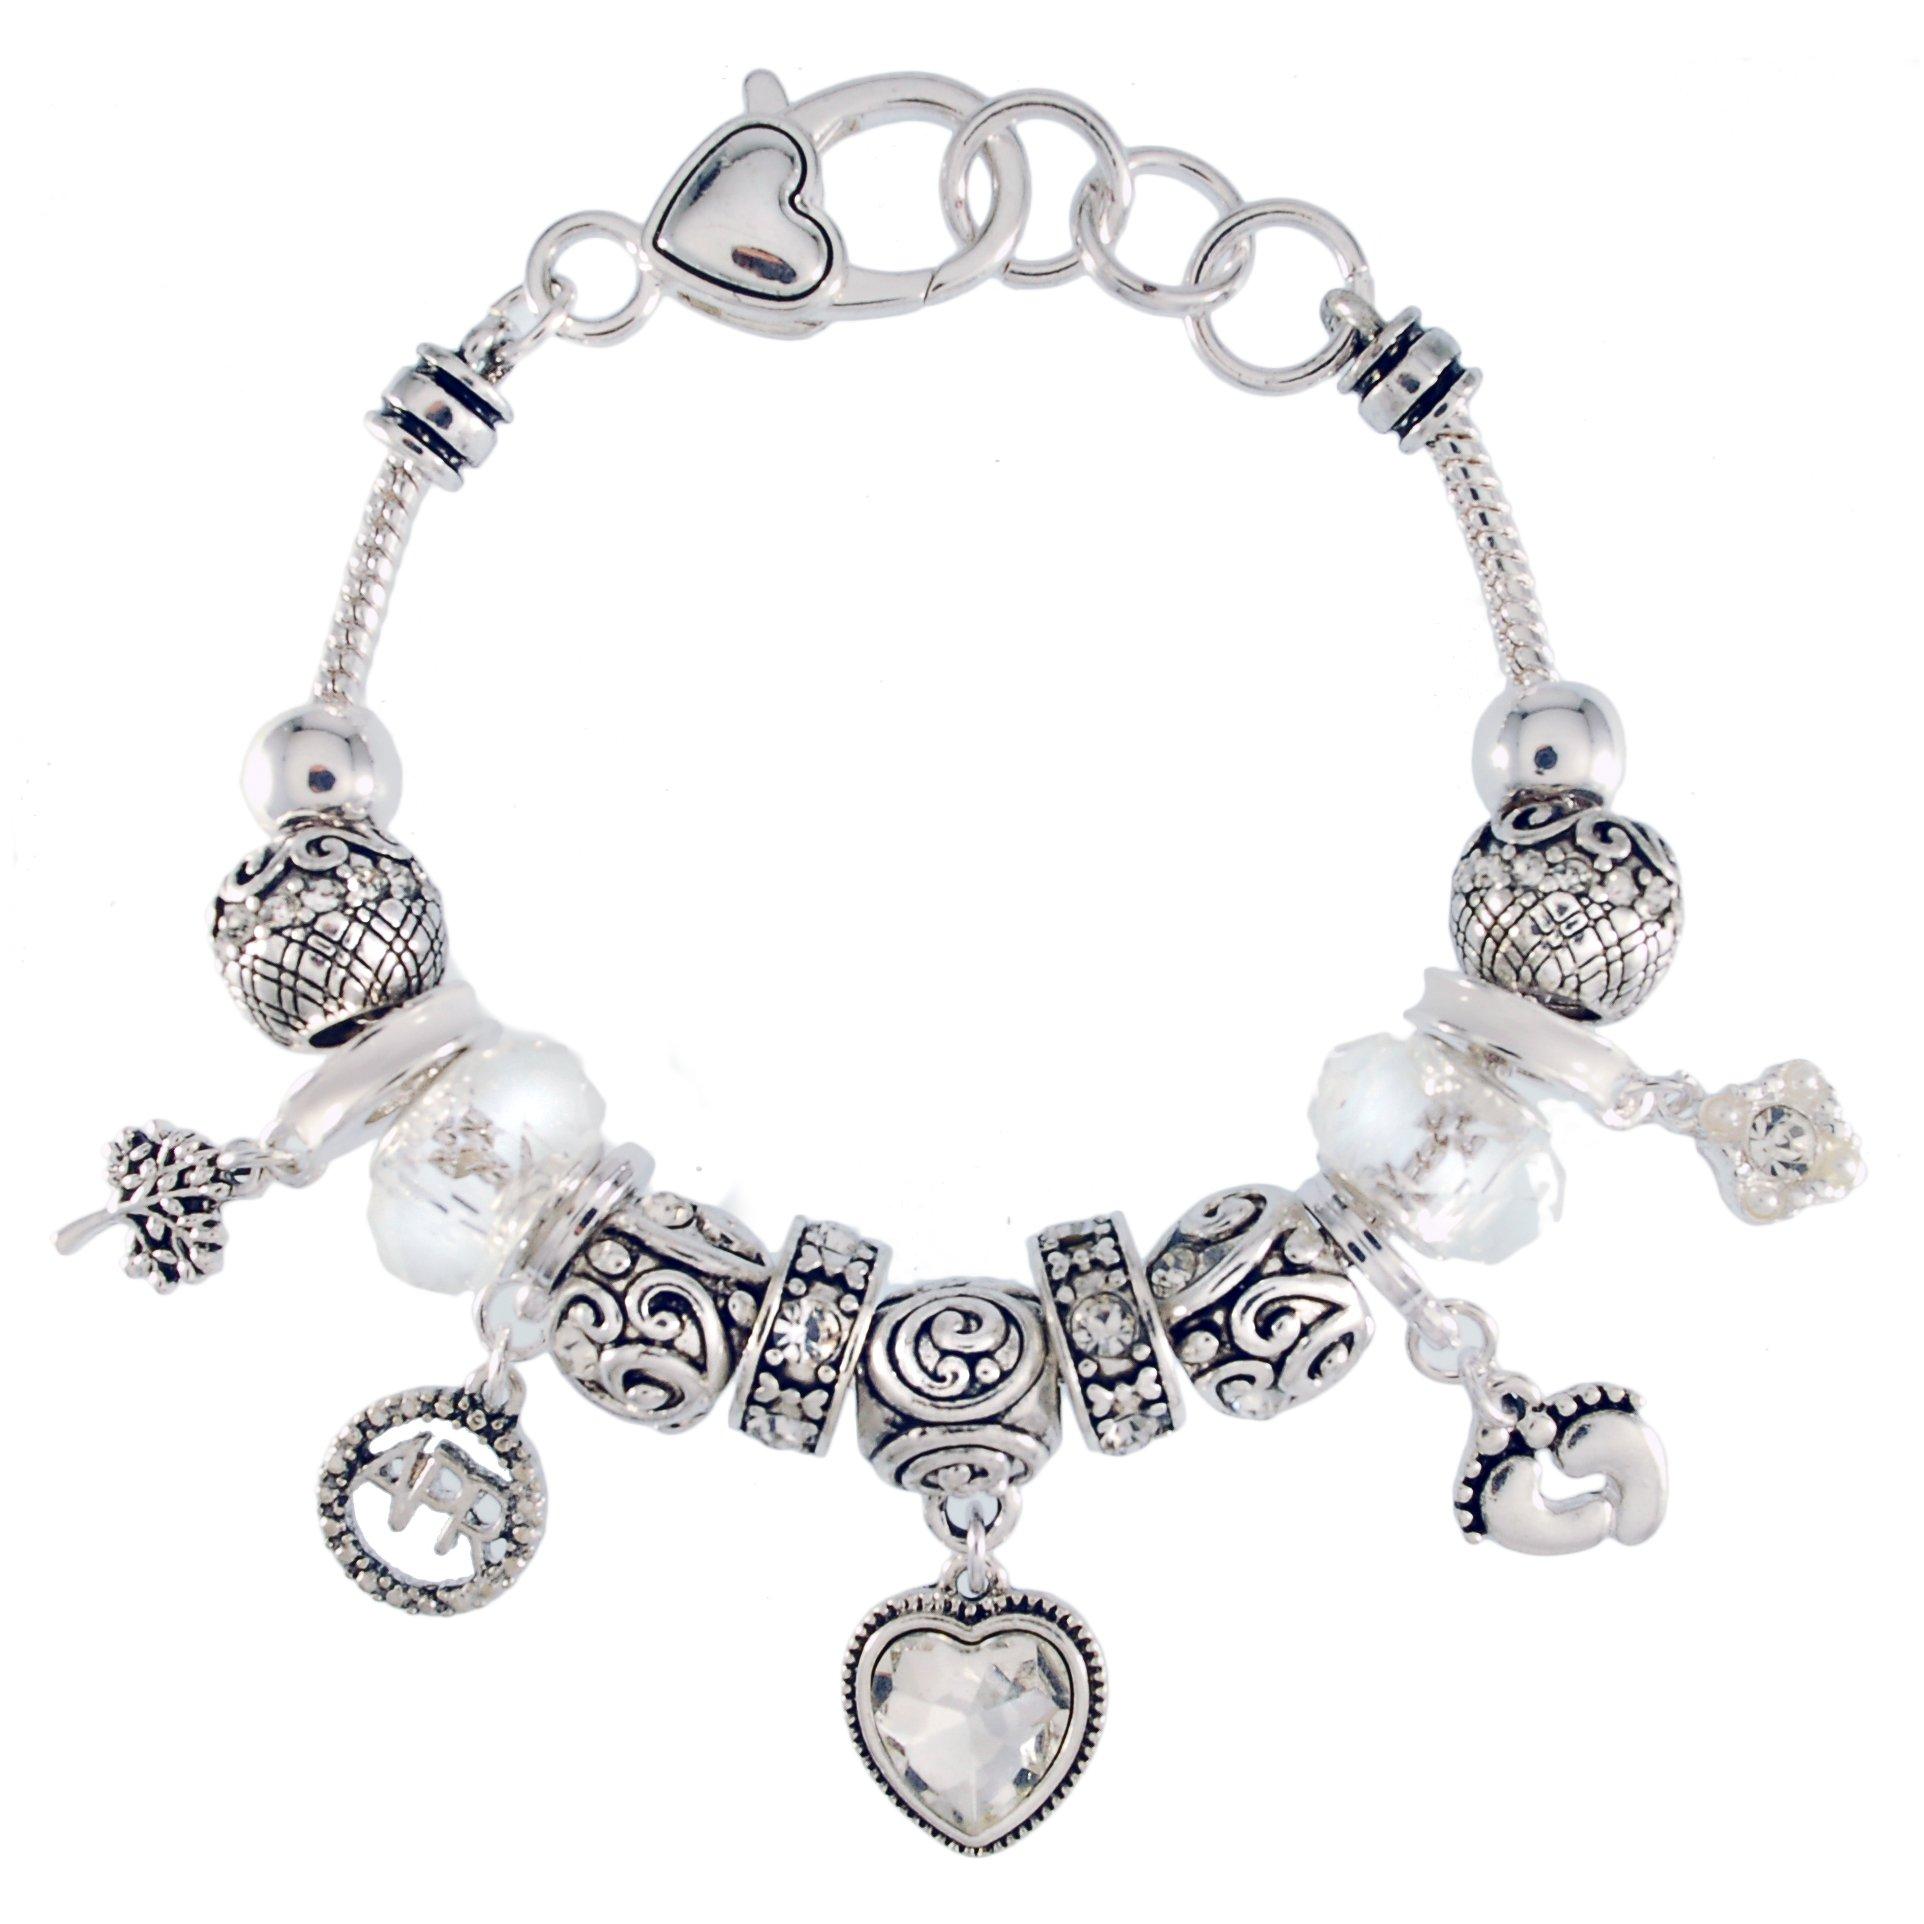 Landau Ambrosia April Birthstone Charm Bracelet